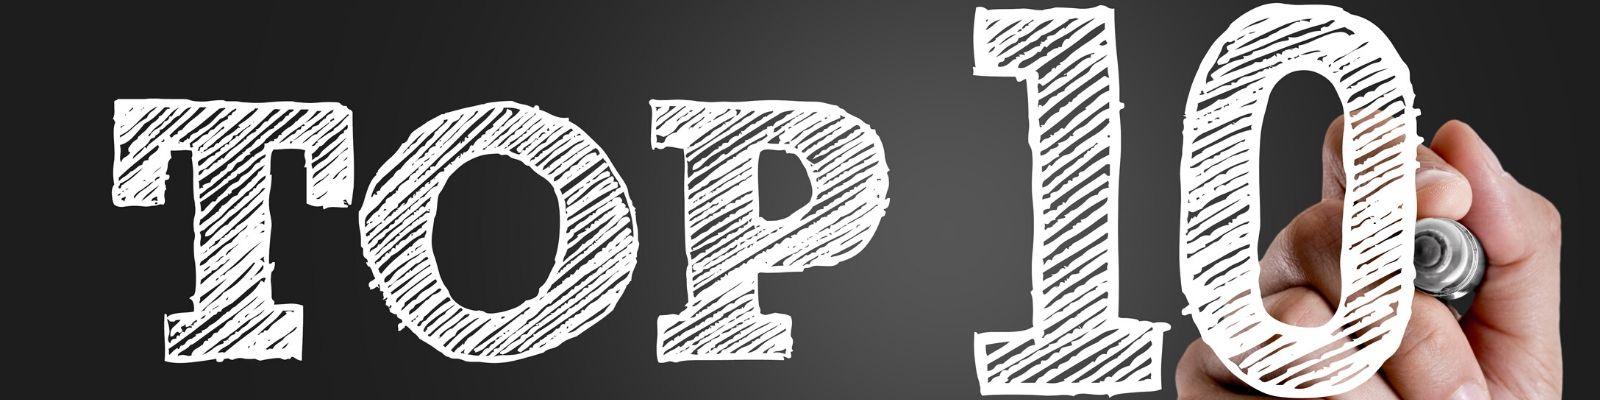 De top 10 manieren om geld te verdienen